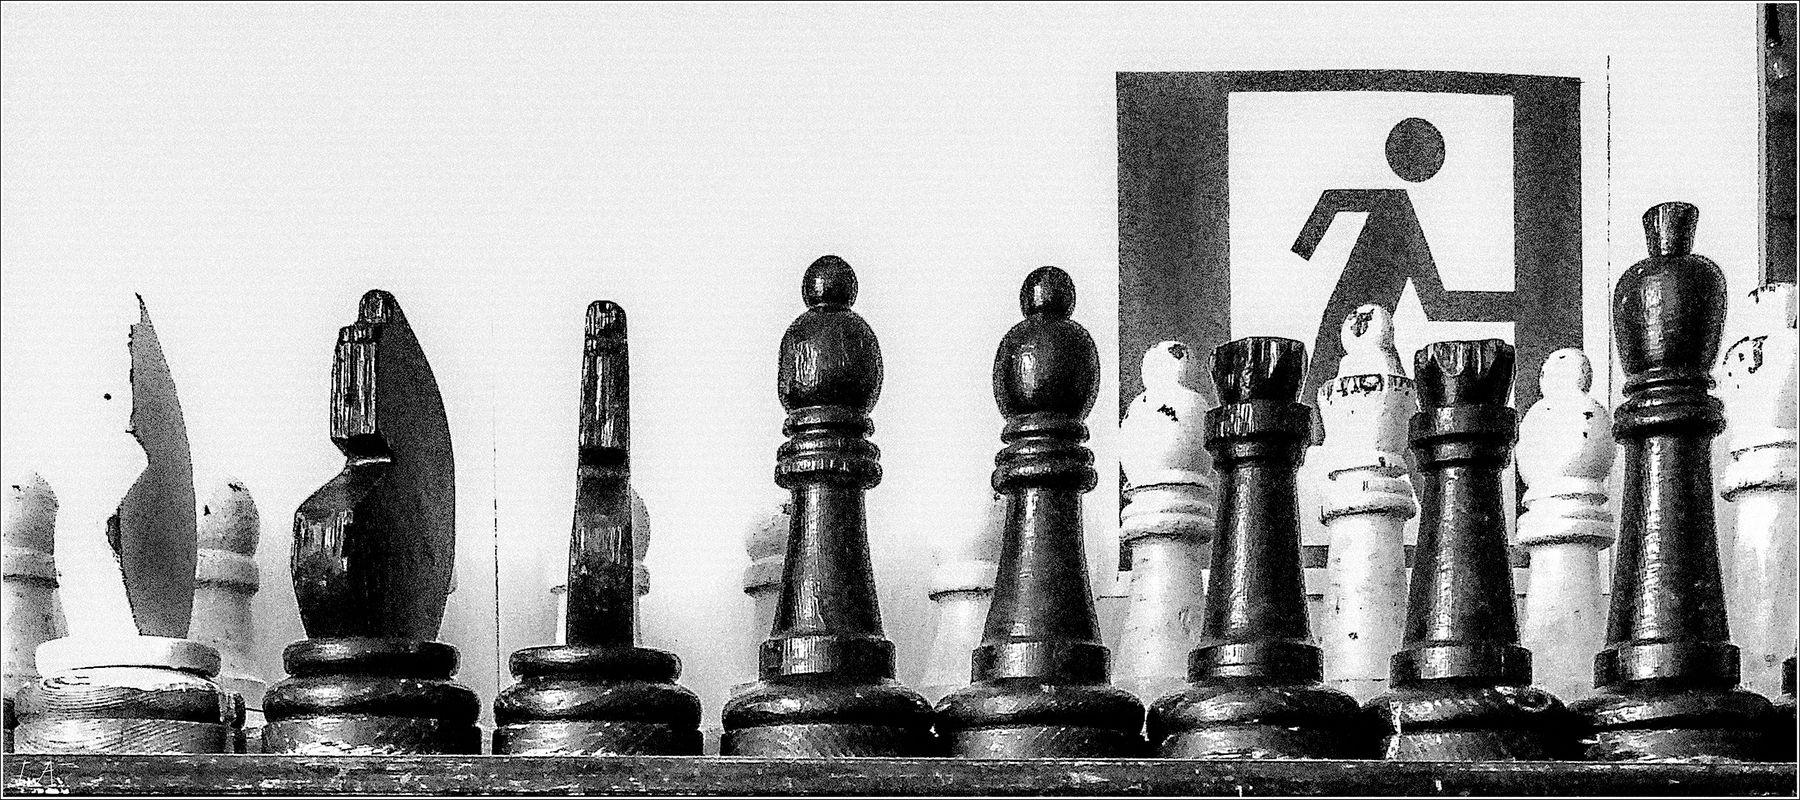 *Постаревшие шахматы* фотография путешествие дом отдыха предметы шахматы фигуры остальное Фото.Сайт Светлана Мамакина Lihgra Adventure